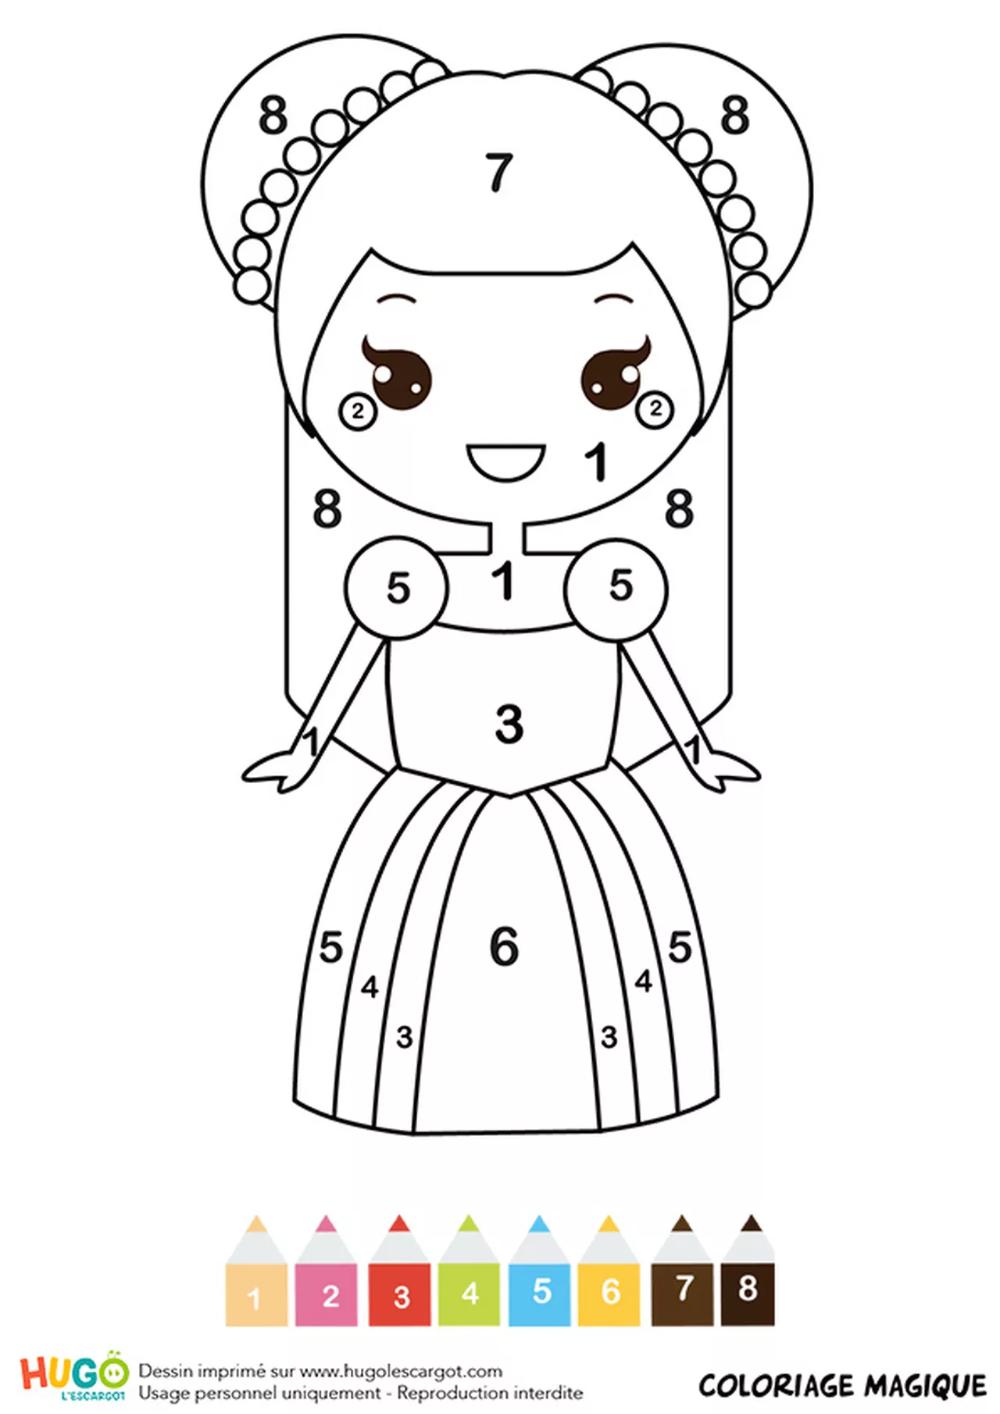 Coloriages Magiques: coloriages magiques princesses